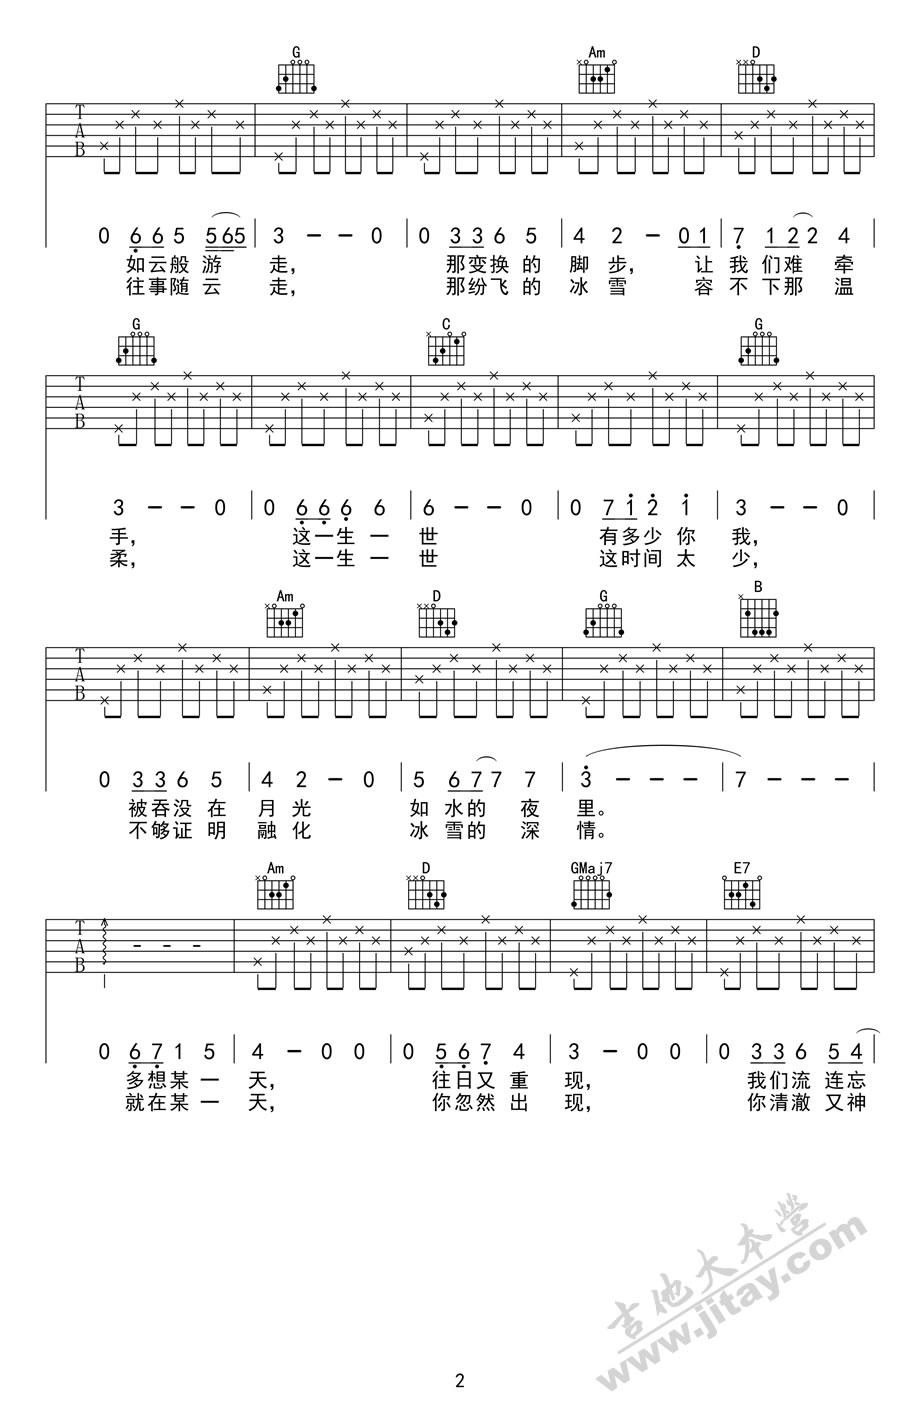 《貝加爾湖畔吉他譜女生版--李健--高清圖片譜》吉他譜圖片